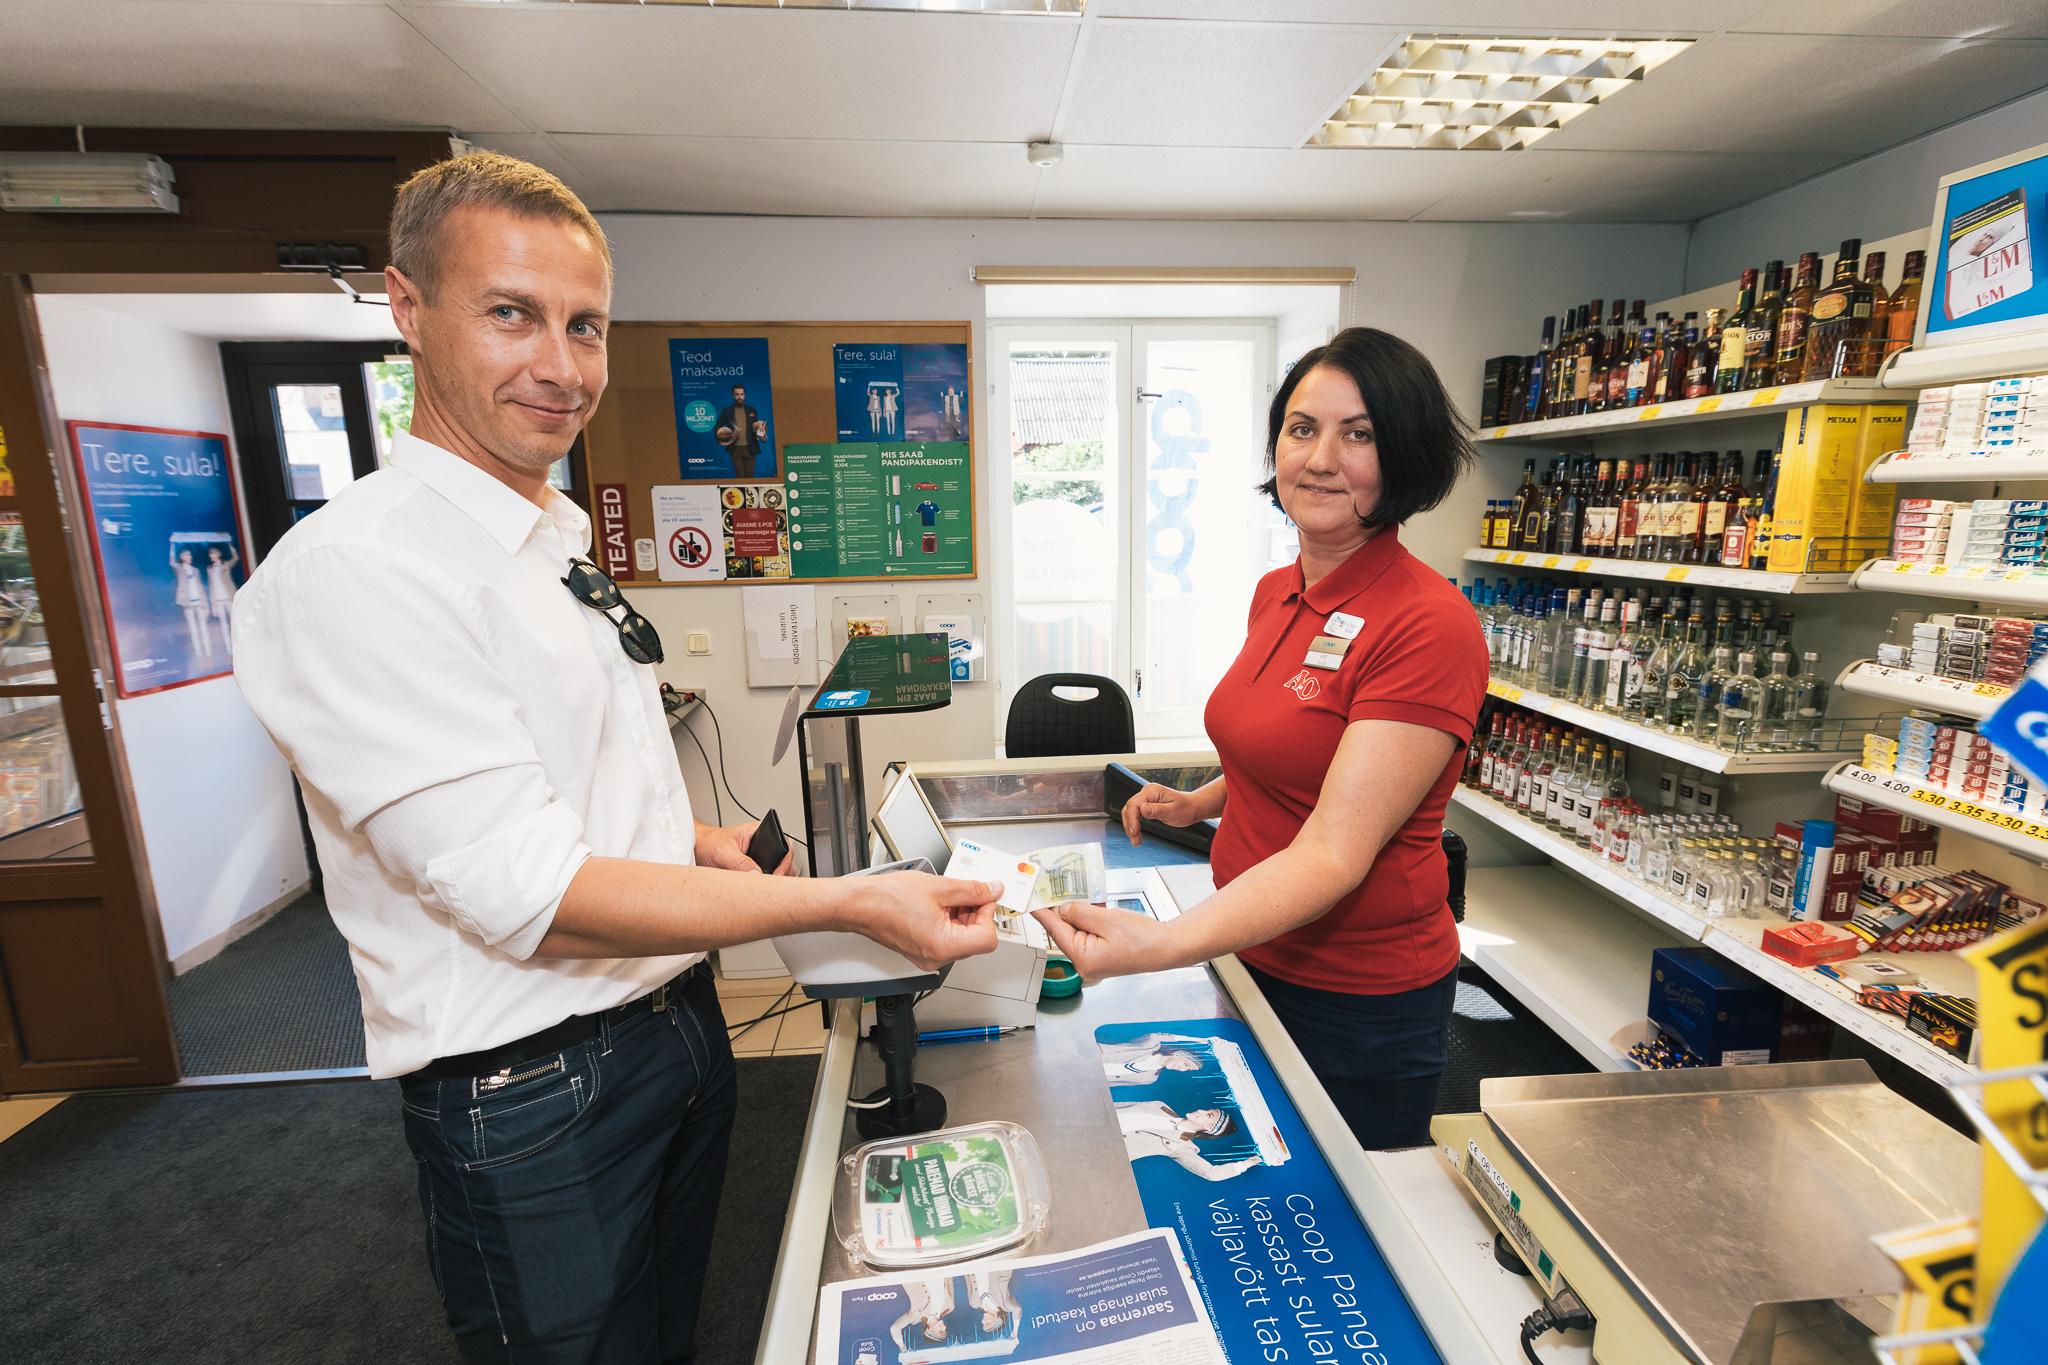 В магазинах Coop клиентам Coop Pank — более выгодные предложения